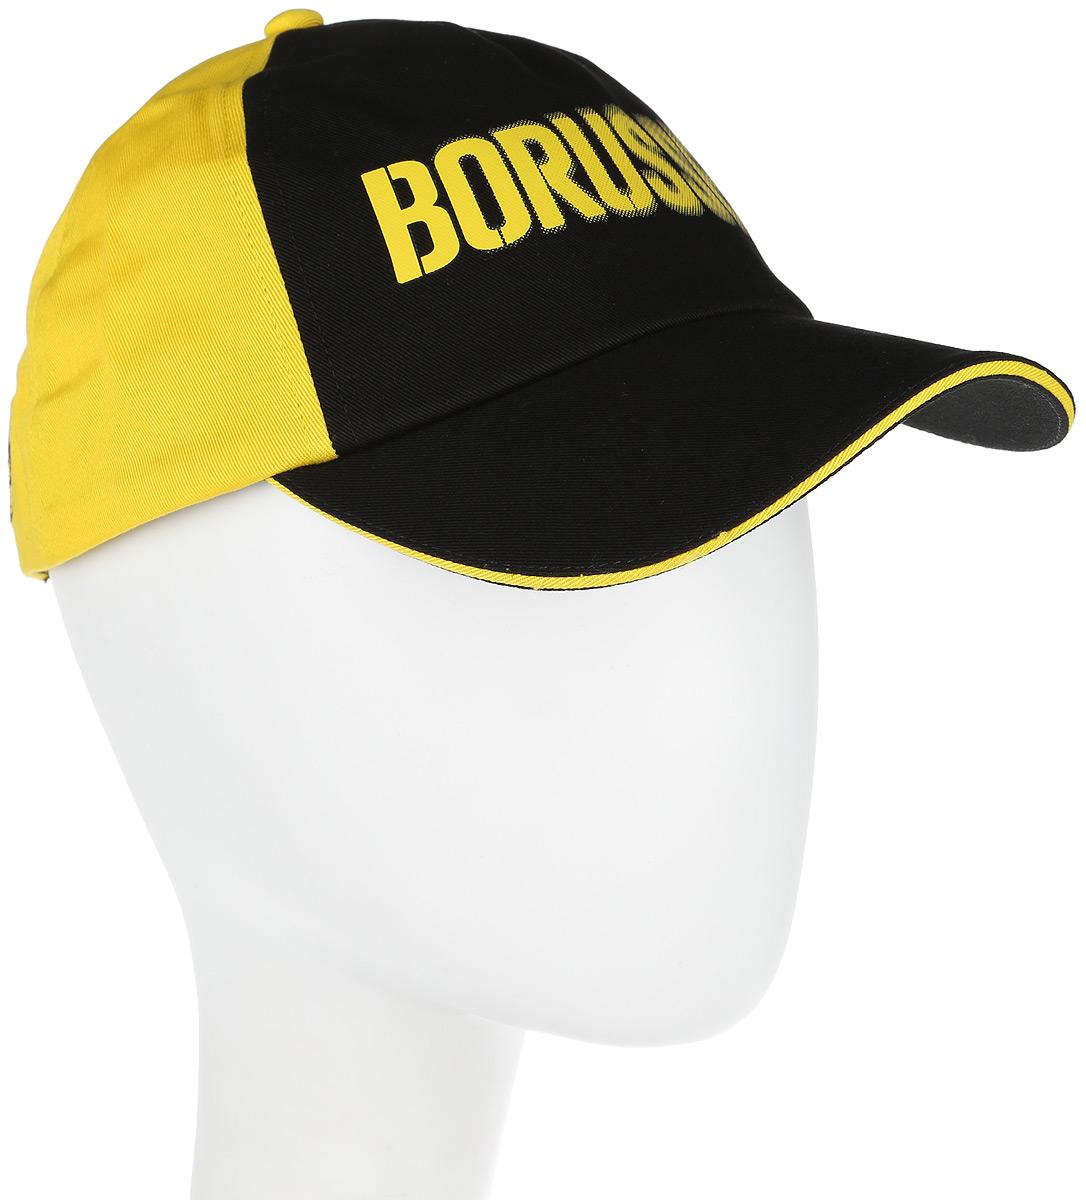 Бейсболка Puma BVB Borusse Cap, цвет: черный, желтый. 02124201. Размер универсальный02124201Бейсболка BVB Borusse Cap станет стильной деталью вашего гардероба. Модель выполнена из натурального хлопка, который обеспечивает максимальный комфорт в носке. Сзади имеется пластиковая застежка для регулировки размера. Изделие дополнено логотипом PUMA сбоку, а также логотипом ФК Borussia Dortmund. Создавайте яркие спортивные городские образы активного современного человека при помощи аксессуаров от Puma.